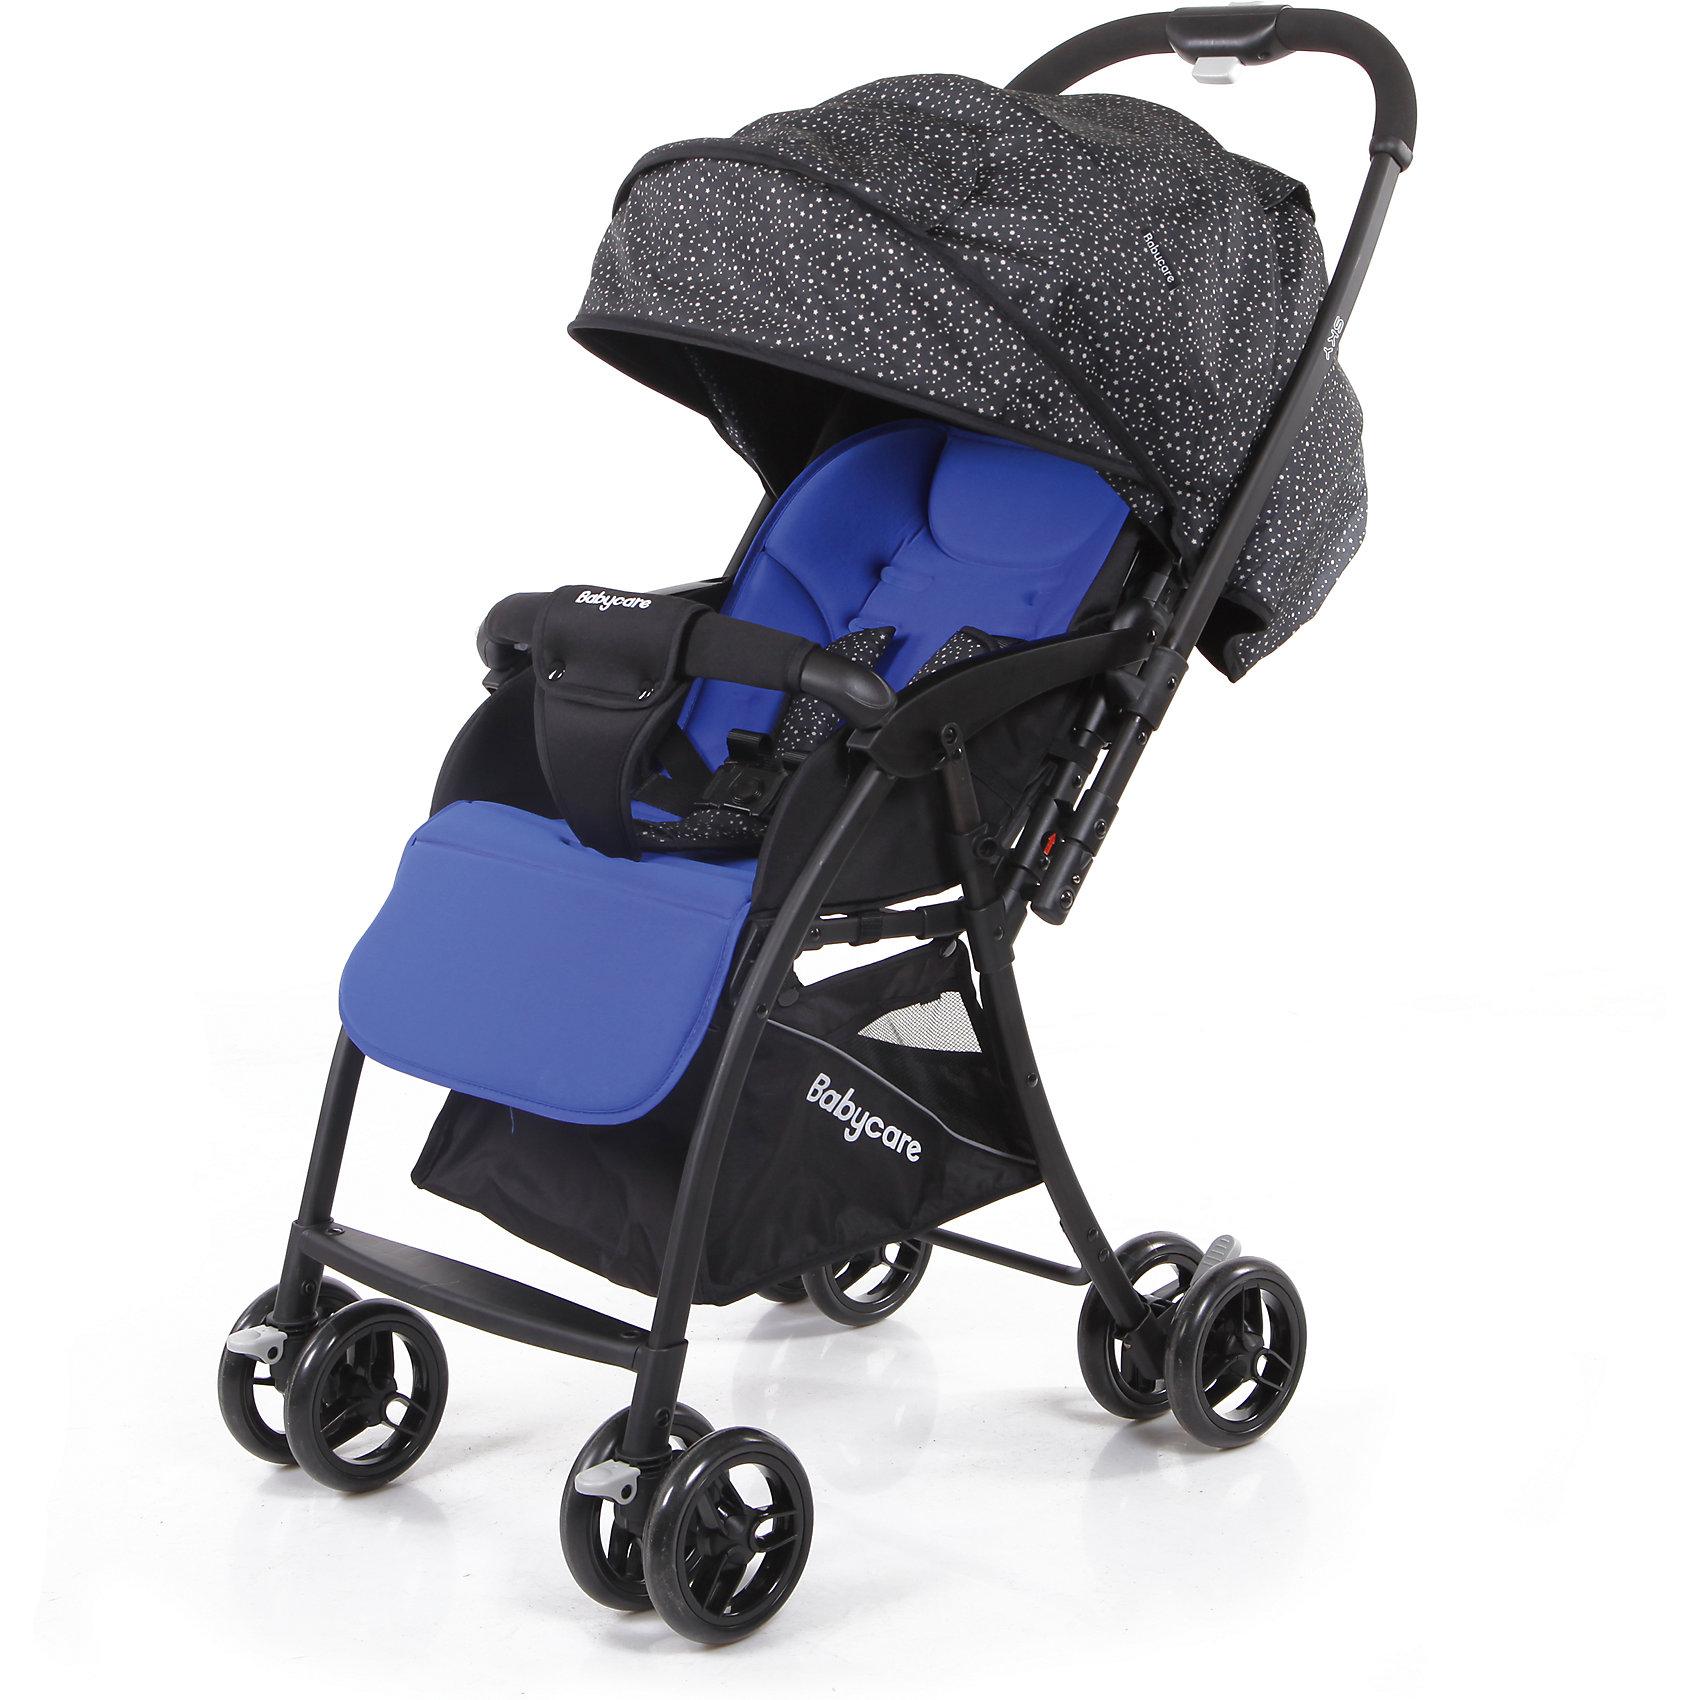 Прогулочная коляска Baby Care Sky, синийПрогулочные коляски для лета<br>Baby Care Sky  - новая прогулочная коляска с перекидной ручкой, легкая и маневренная. <br>Коляска легко и удобно складывается, благодаря чему занимает очень мало места.<br>Съемный бампер с мягкой обивкой, отстегивающийся с одной стороны. <br>Спинка  регулируется плавно с помощью ремней. <br>В комплекте есть чехол на ножки и корзинка для покупок. Коляска имеет 5-ти точечные ремни безопасности. <br>Может стоять в сложенном состоянии и складывается одной рукой.<br>Особенности:<br>• алюминиевая рама<br>• плавающие передние колеса с ручной фиксацией<br>• 5-ти точеный ремень безопасности<br>• бампер с мягкой обивкой отстёгивается с одной стороны<br>• спинка регулируется при помощи ремня<br>• регулируемая подножка<br>• ножная тормозная система<br>• амортизация передних колёс<br>• окошки в капюшоне <br>• перекидная родительская ручка<br>• коляска может стоять в сложенном состоянии<br>• коляску можно сложить одной рукой<br>Характеристики:<br>• диаметр колес: передние – 13.4 см, задние — 13.4 см<br>• тип колес: двойные<br>• механизм складывания: книжка<br>• вес: 4.7 кг <br>• ширина сиденья: 34 см<br>• размер корзины: 31х31х18 см<br>• размер в разложенном виде: 83х47х98 см<br>• размер в сложенном виде: 30х47х93 см<br><br>Ширина мм: 730<br>Глубина мм: 460<br>Высота мм: 210<br>Вес г: 6200<br>Возраст от месяцев: 6<br>Возраст до месяцев: 36<br>Пол: Унисекс<br>Возраст: Детский<br>SKU: 6668625